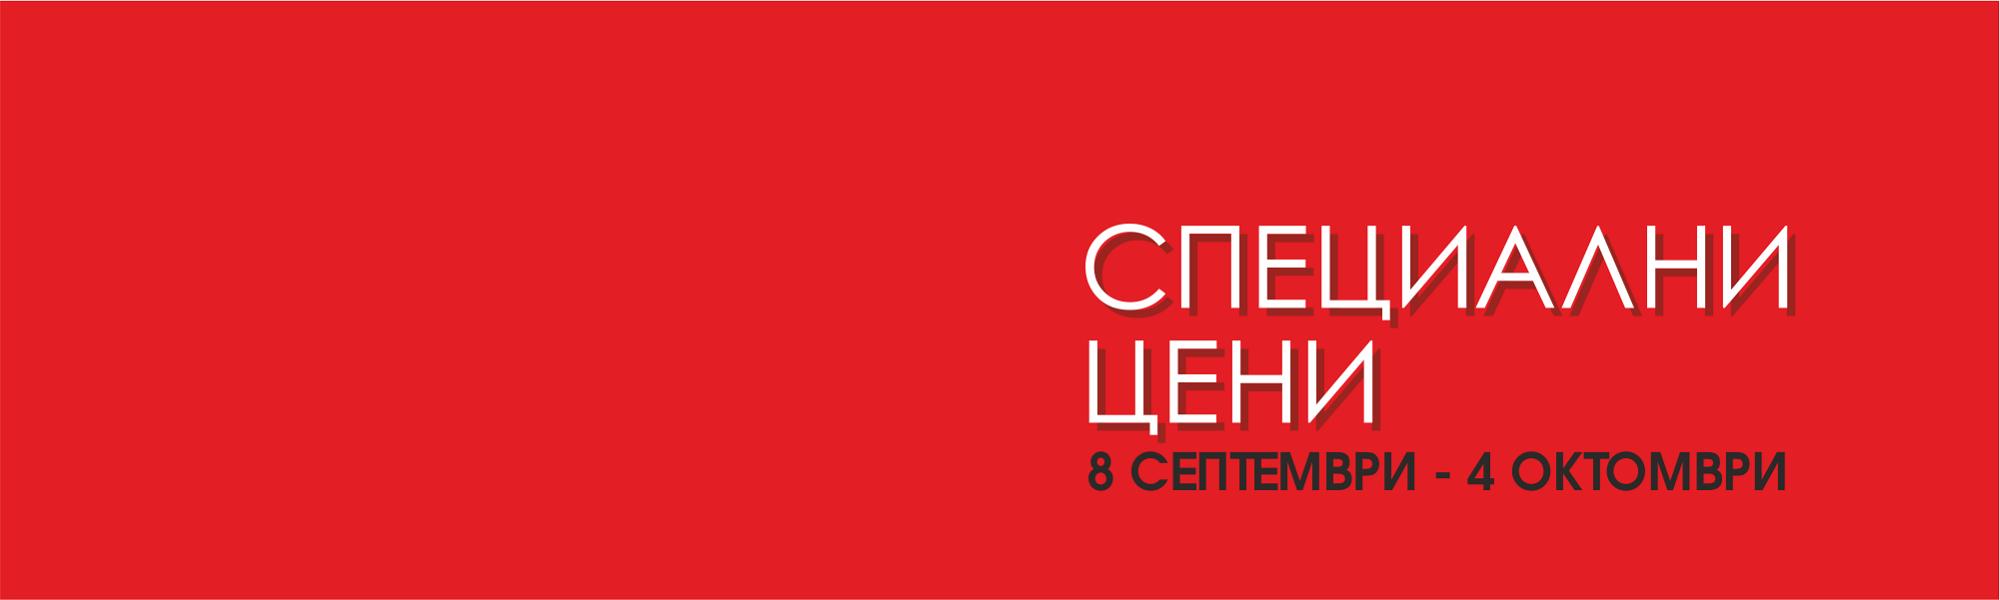 ПРОЛЕТ-ЛЯТО 2017